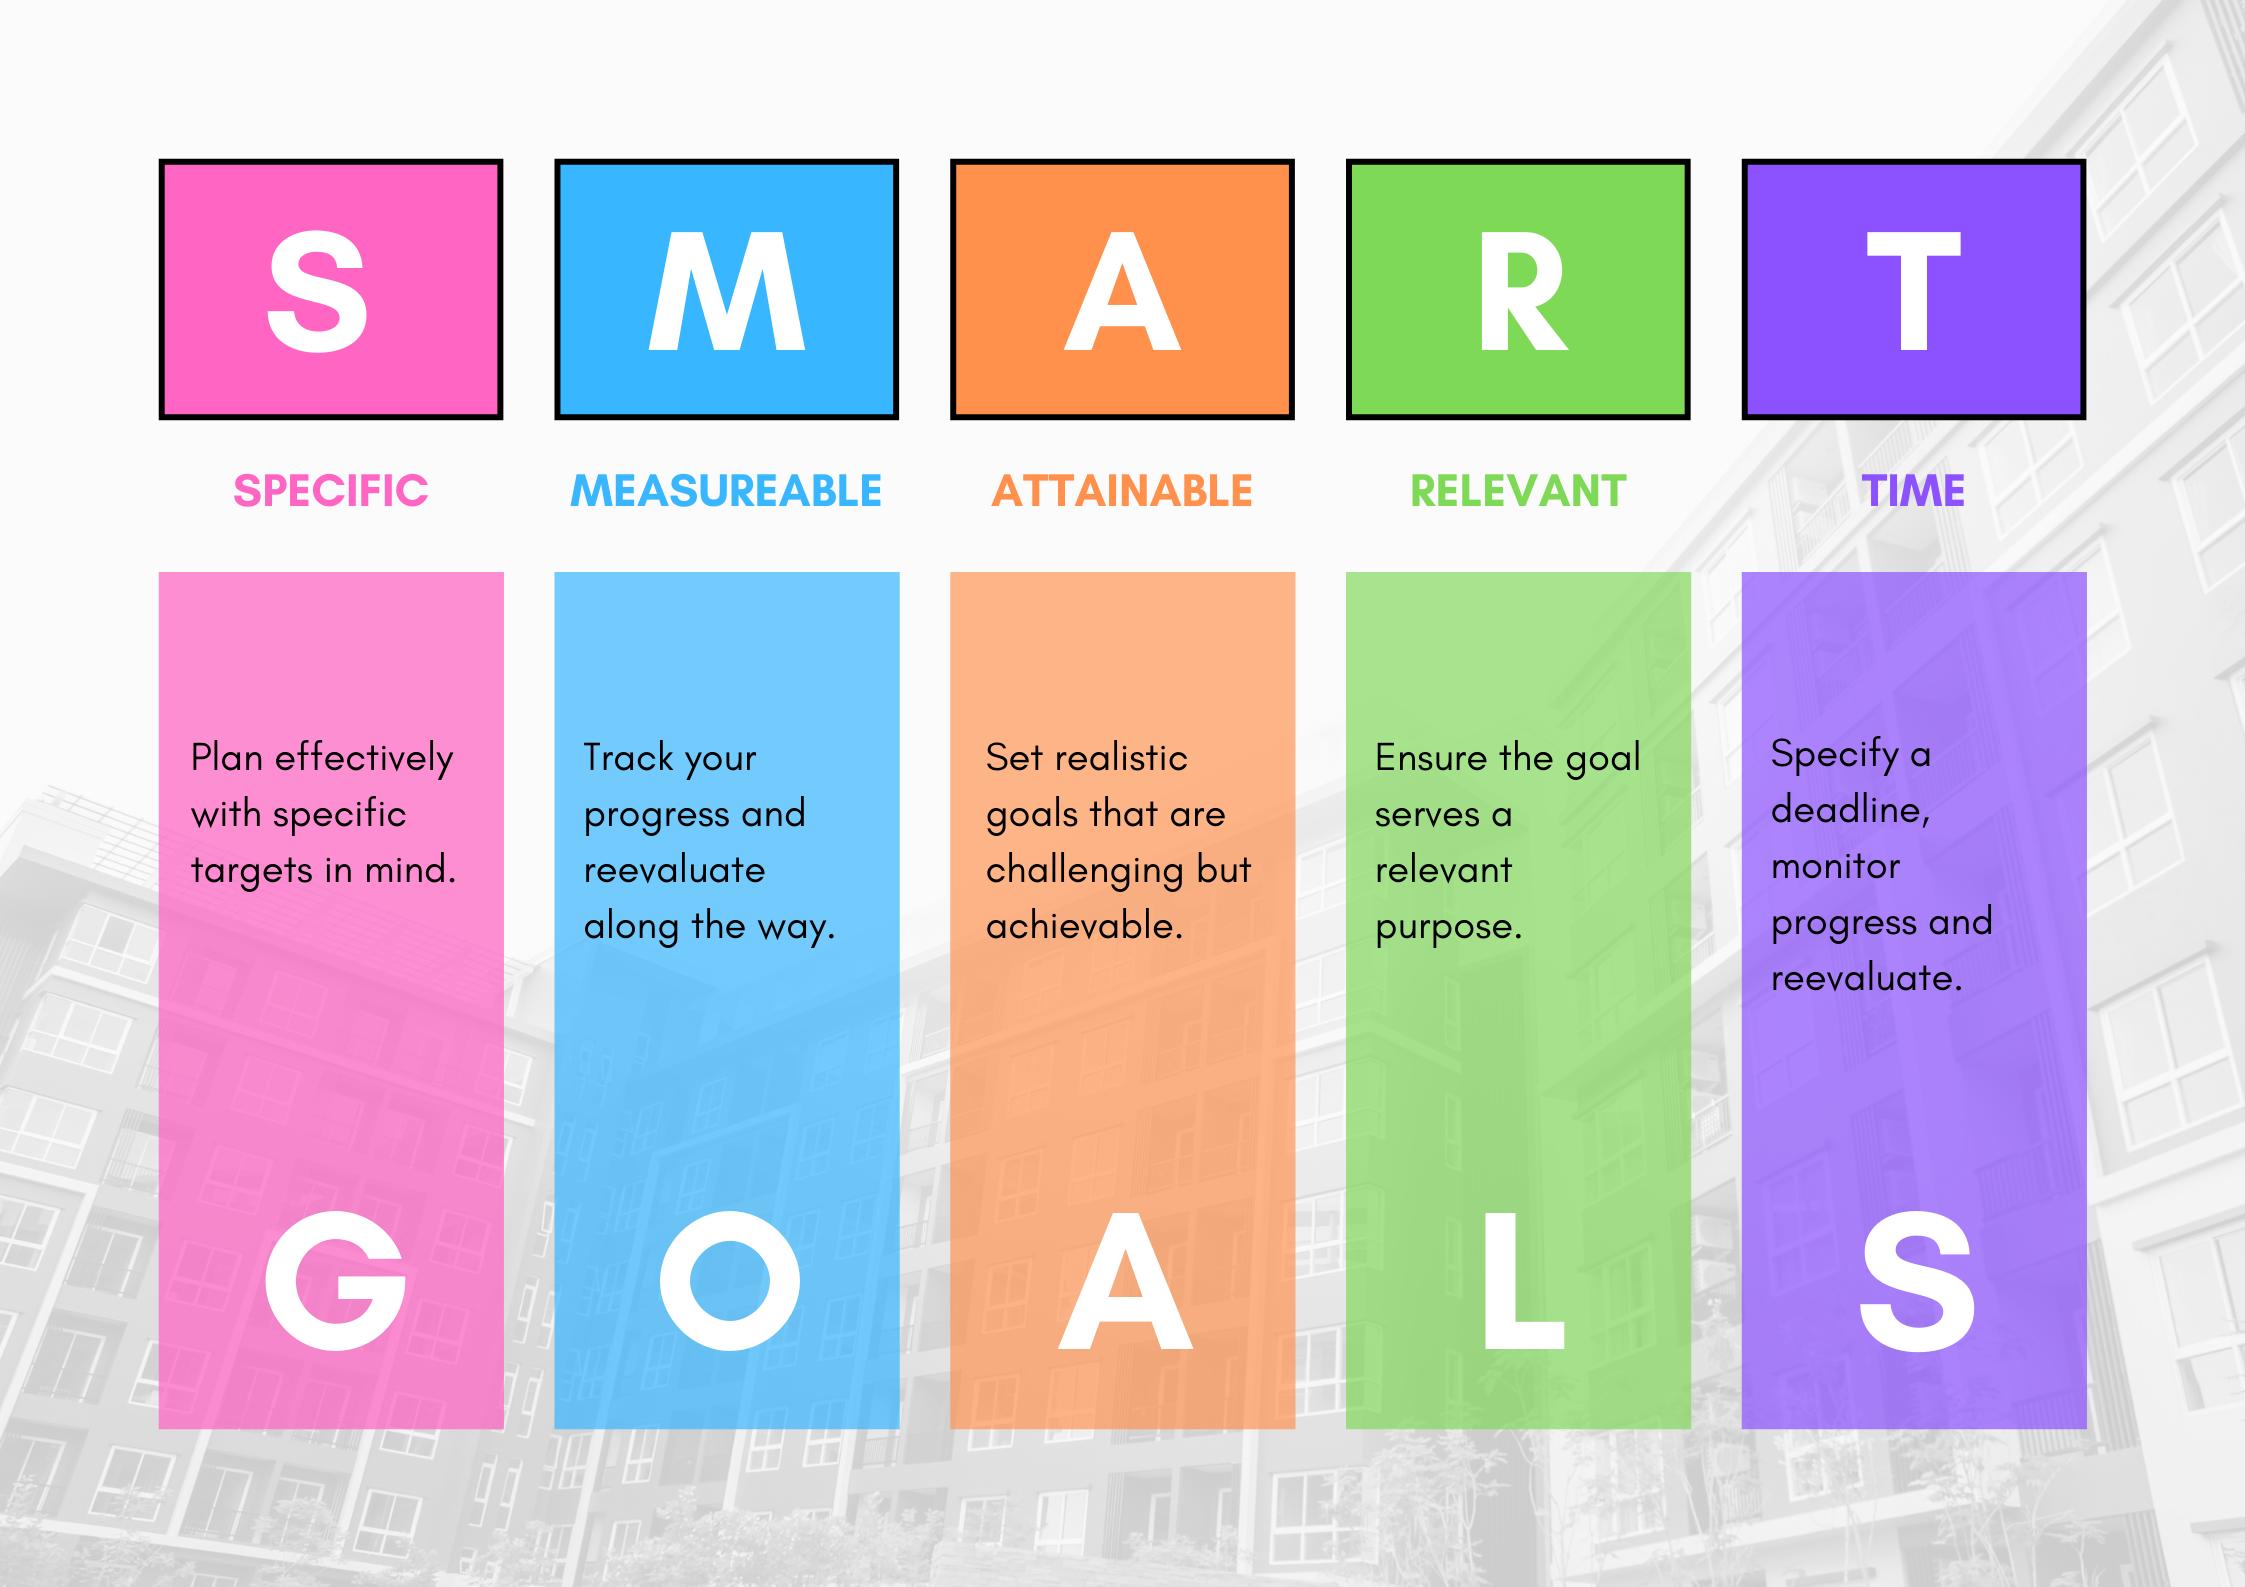 SMART Goals for real estate syndicators